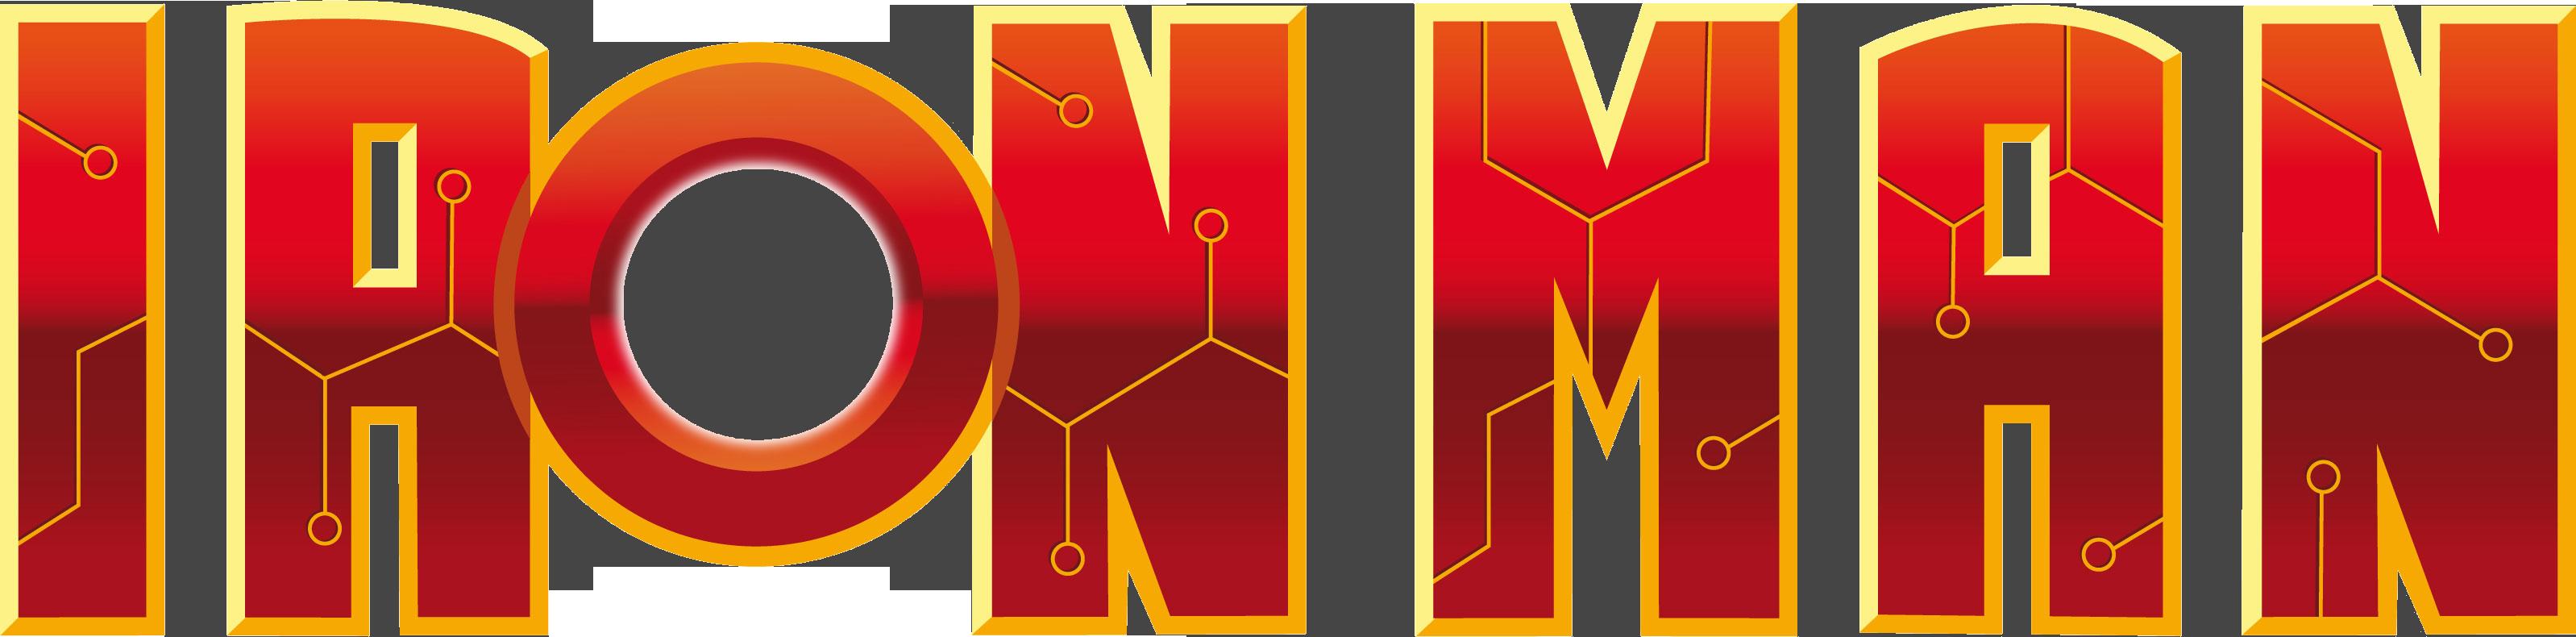 New Era Marvel Quot Basic Badge Iron Man Quot 9fifty